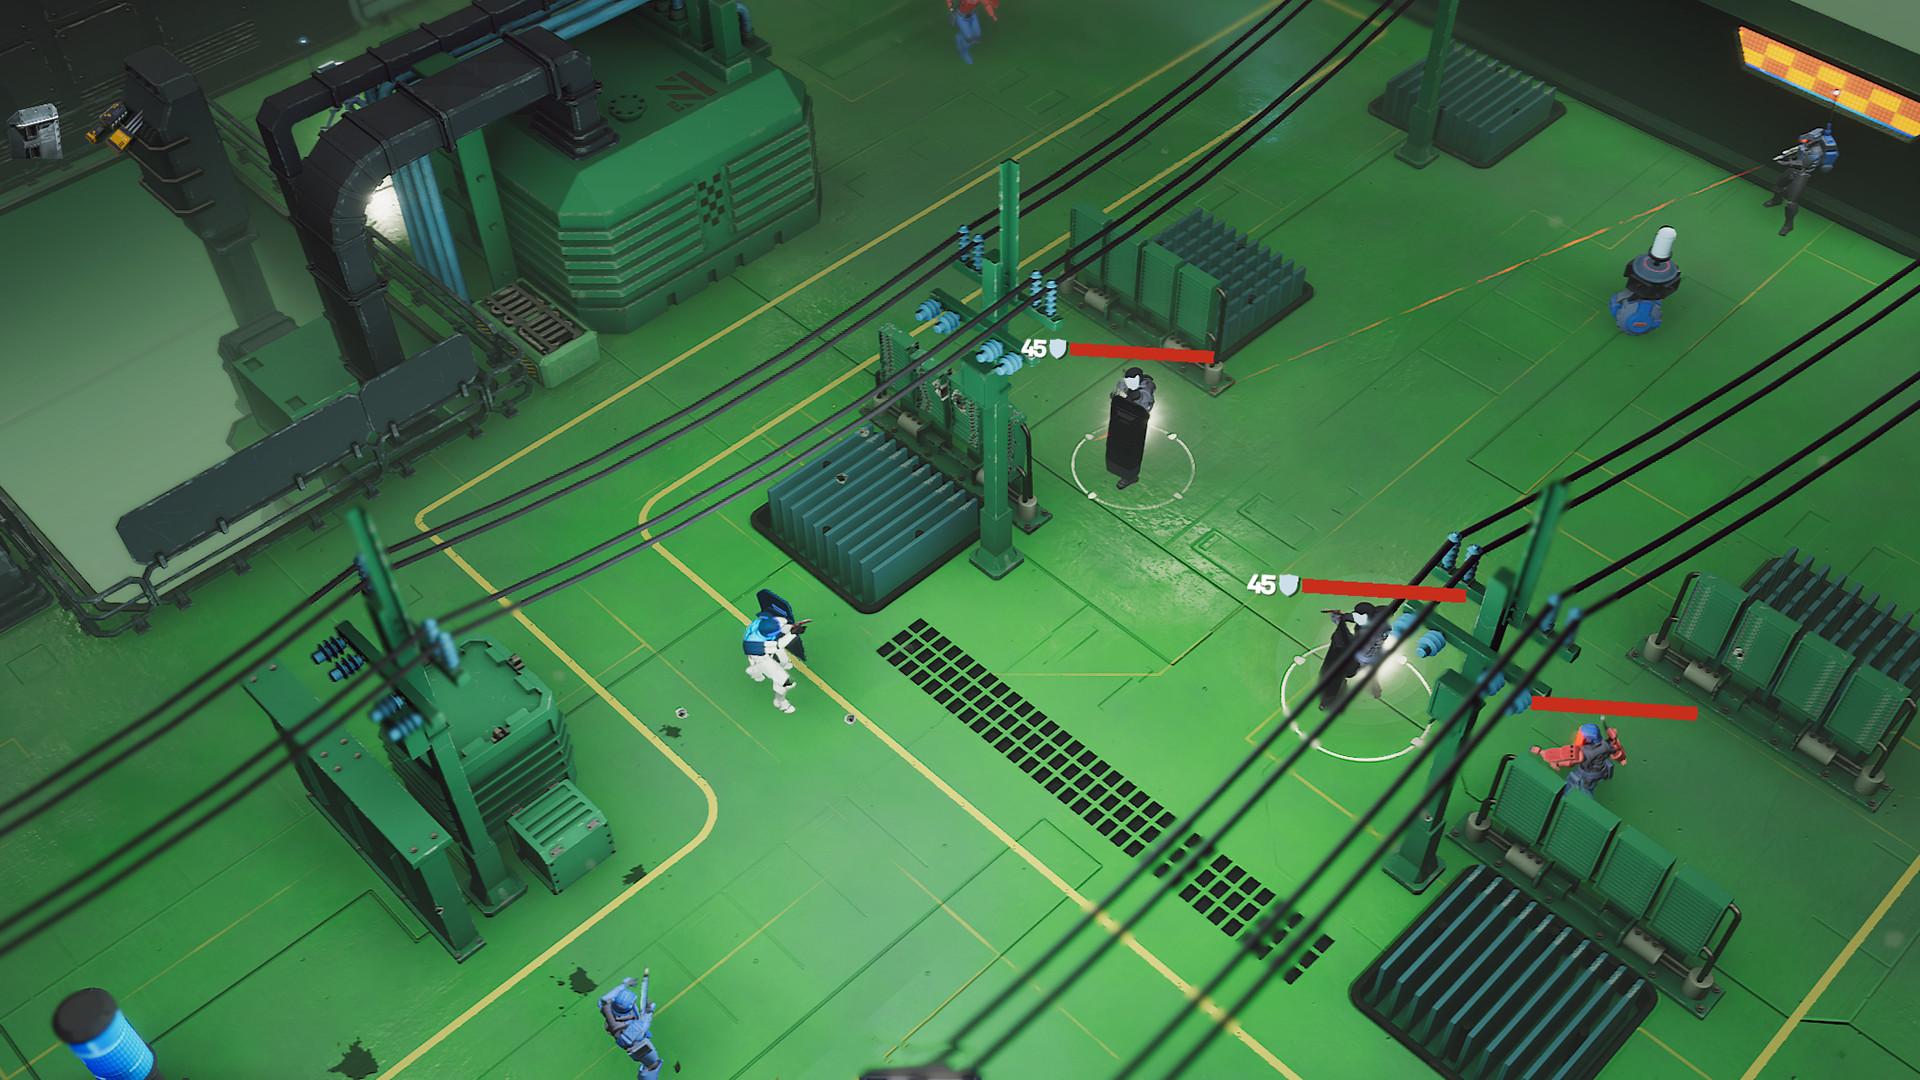 策略肉鸽射击游戏《合成人2》11月11日抢鲜体验插图11